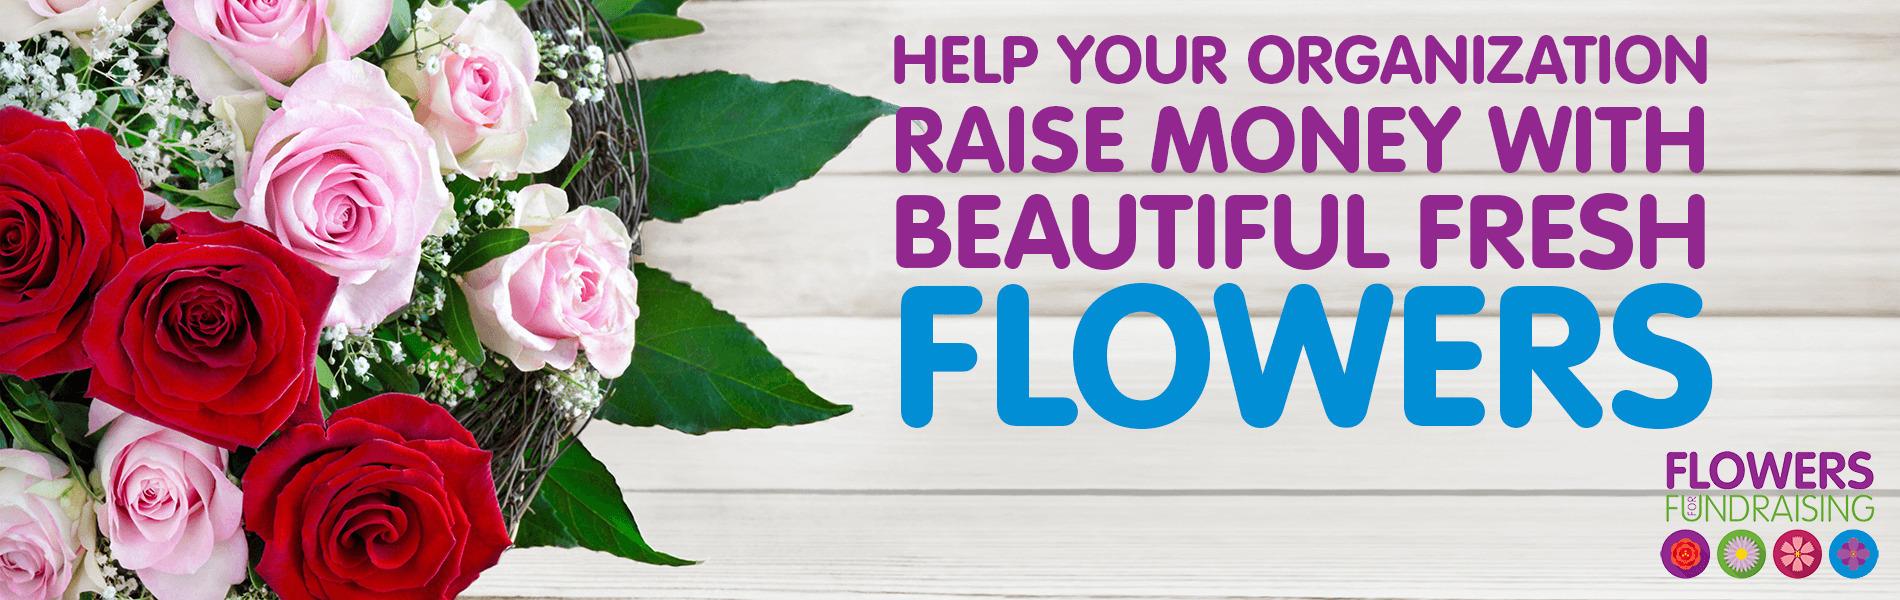 FlowersForFundraising (@flowersforfundraising) Cover Image